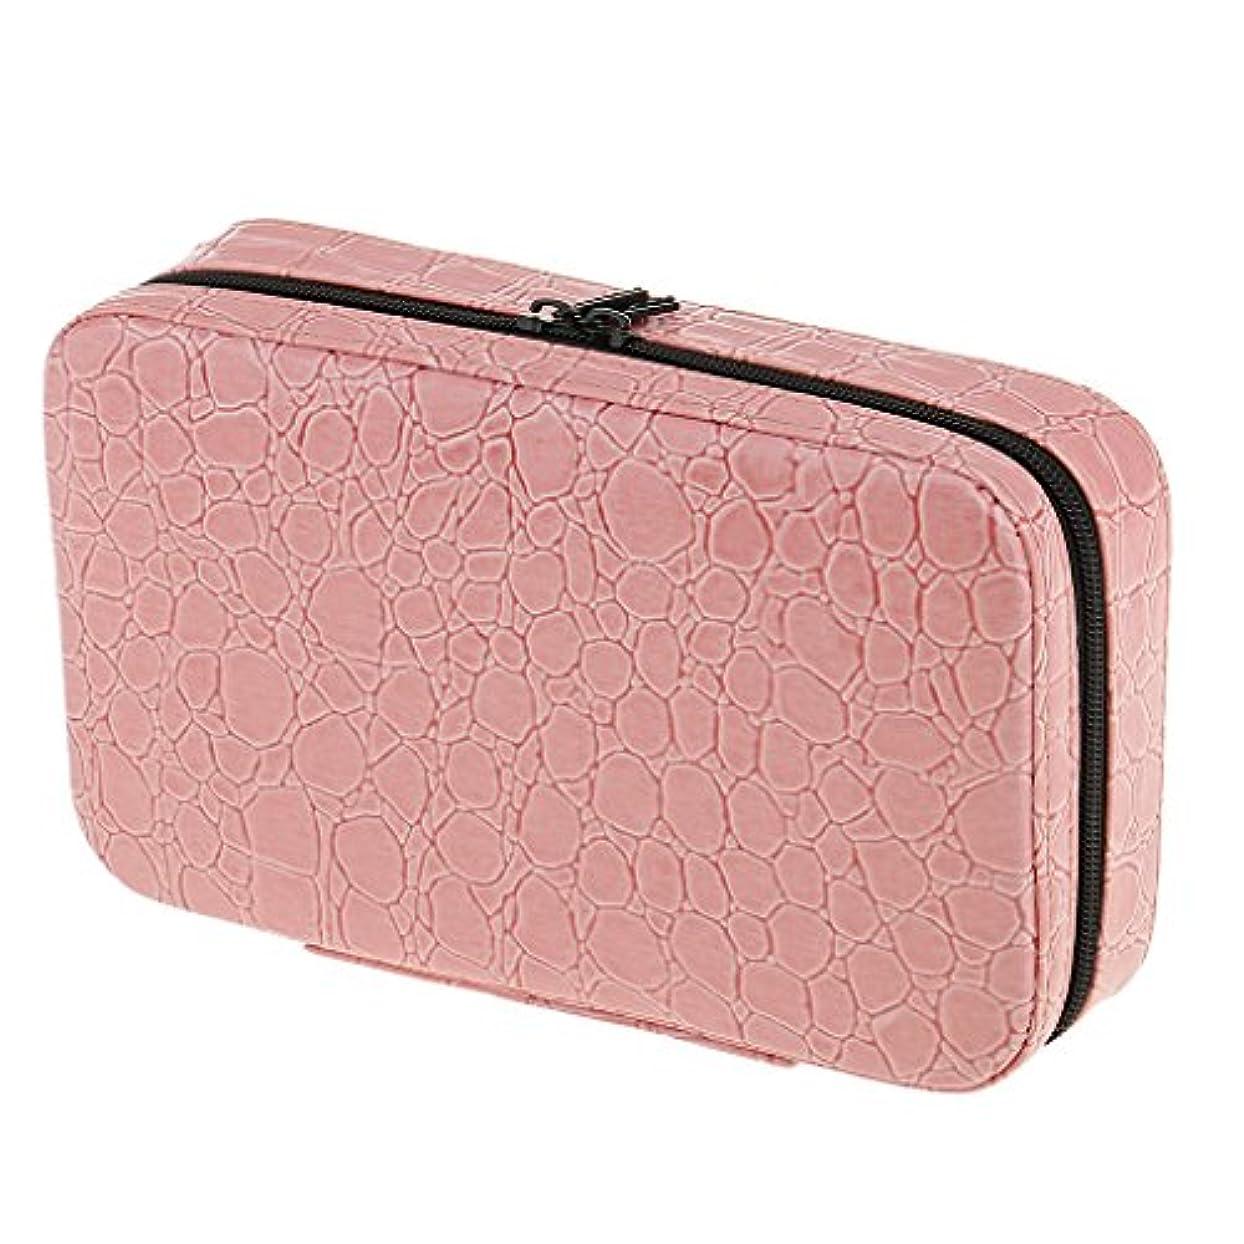 記述する呼ぶ虎P Prettyia 収納バッグ ケース エッセンシャルオイル 精油 大容量 精油収納 携帯用 アロマケース PUレザー 全5色 - ピンク